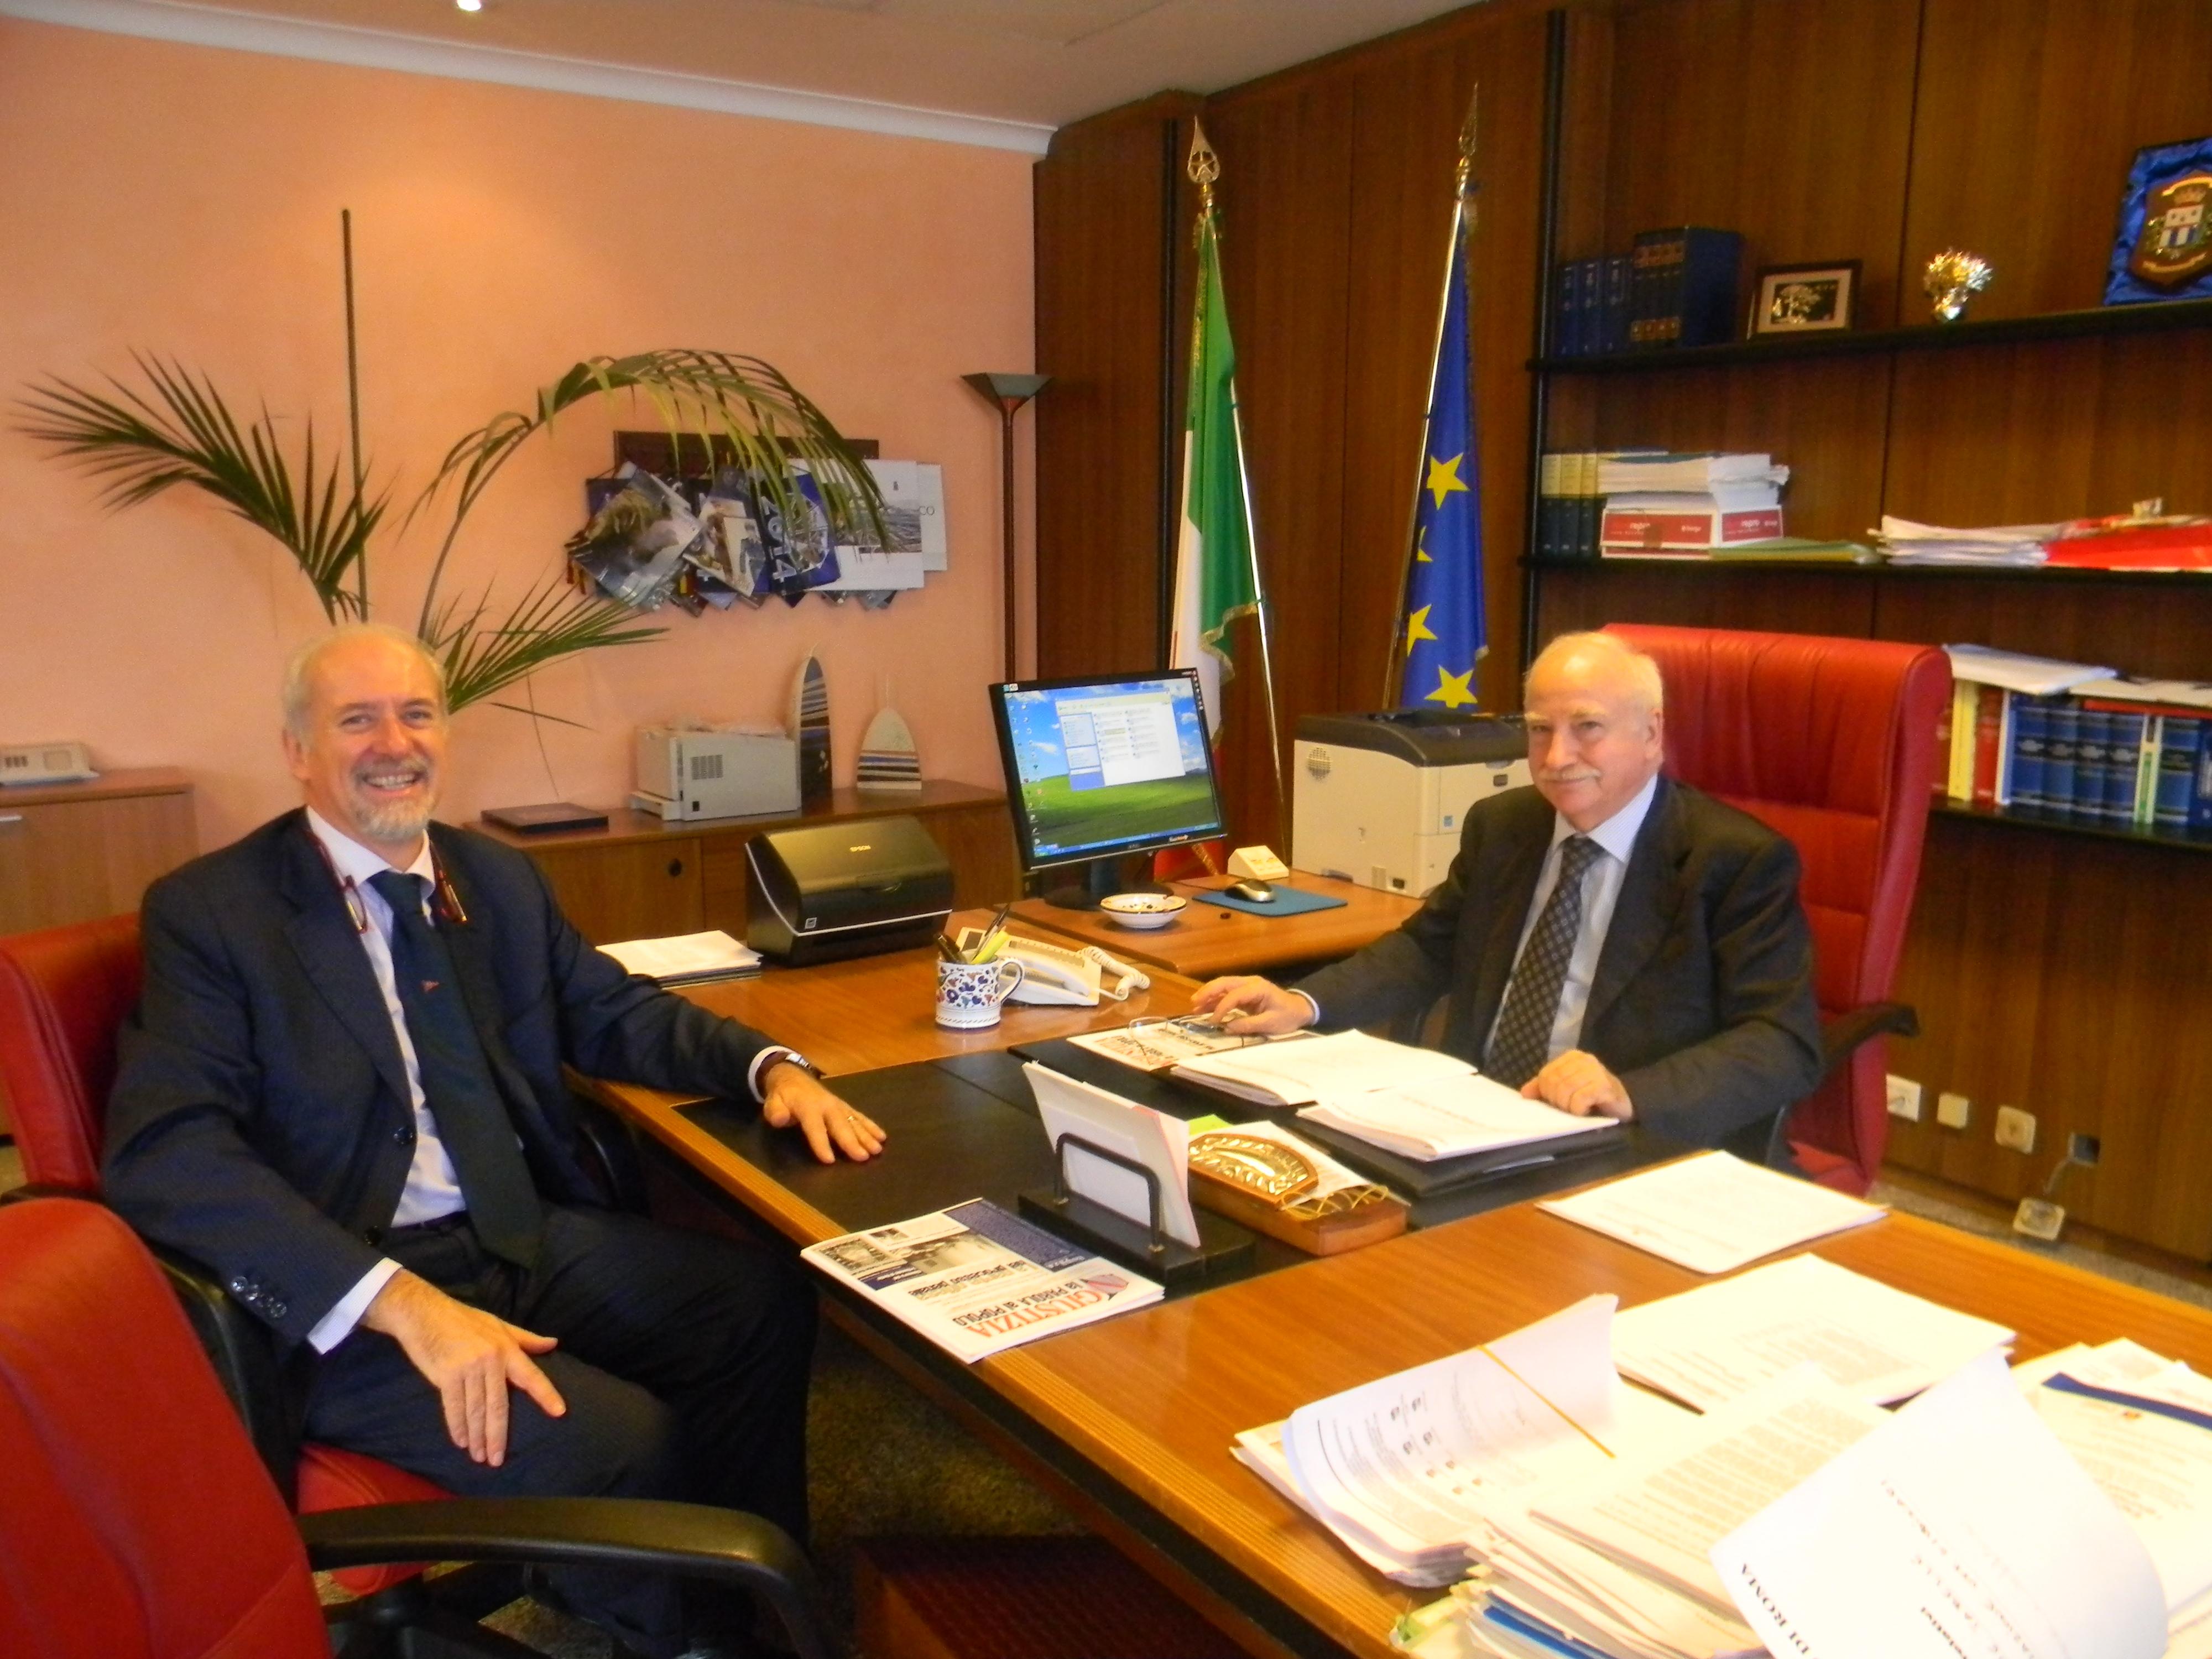 L'avv. Romolo Reboa intervista il Dott. Bresciano, presidente del Tribunale di Roma